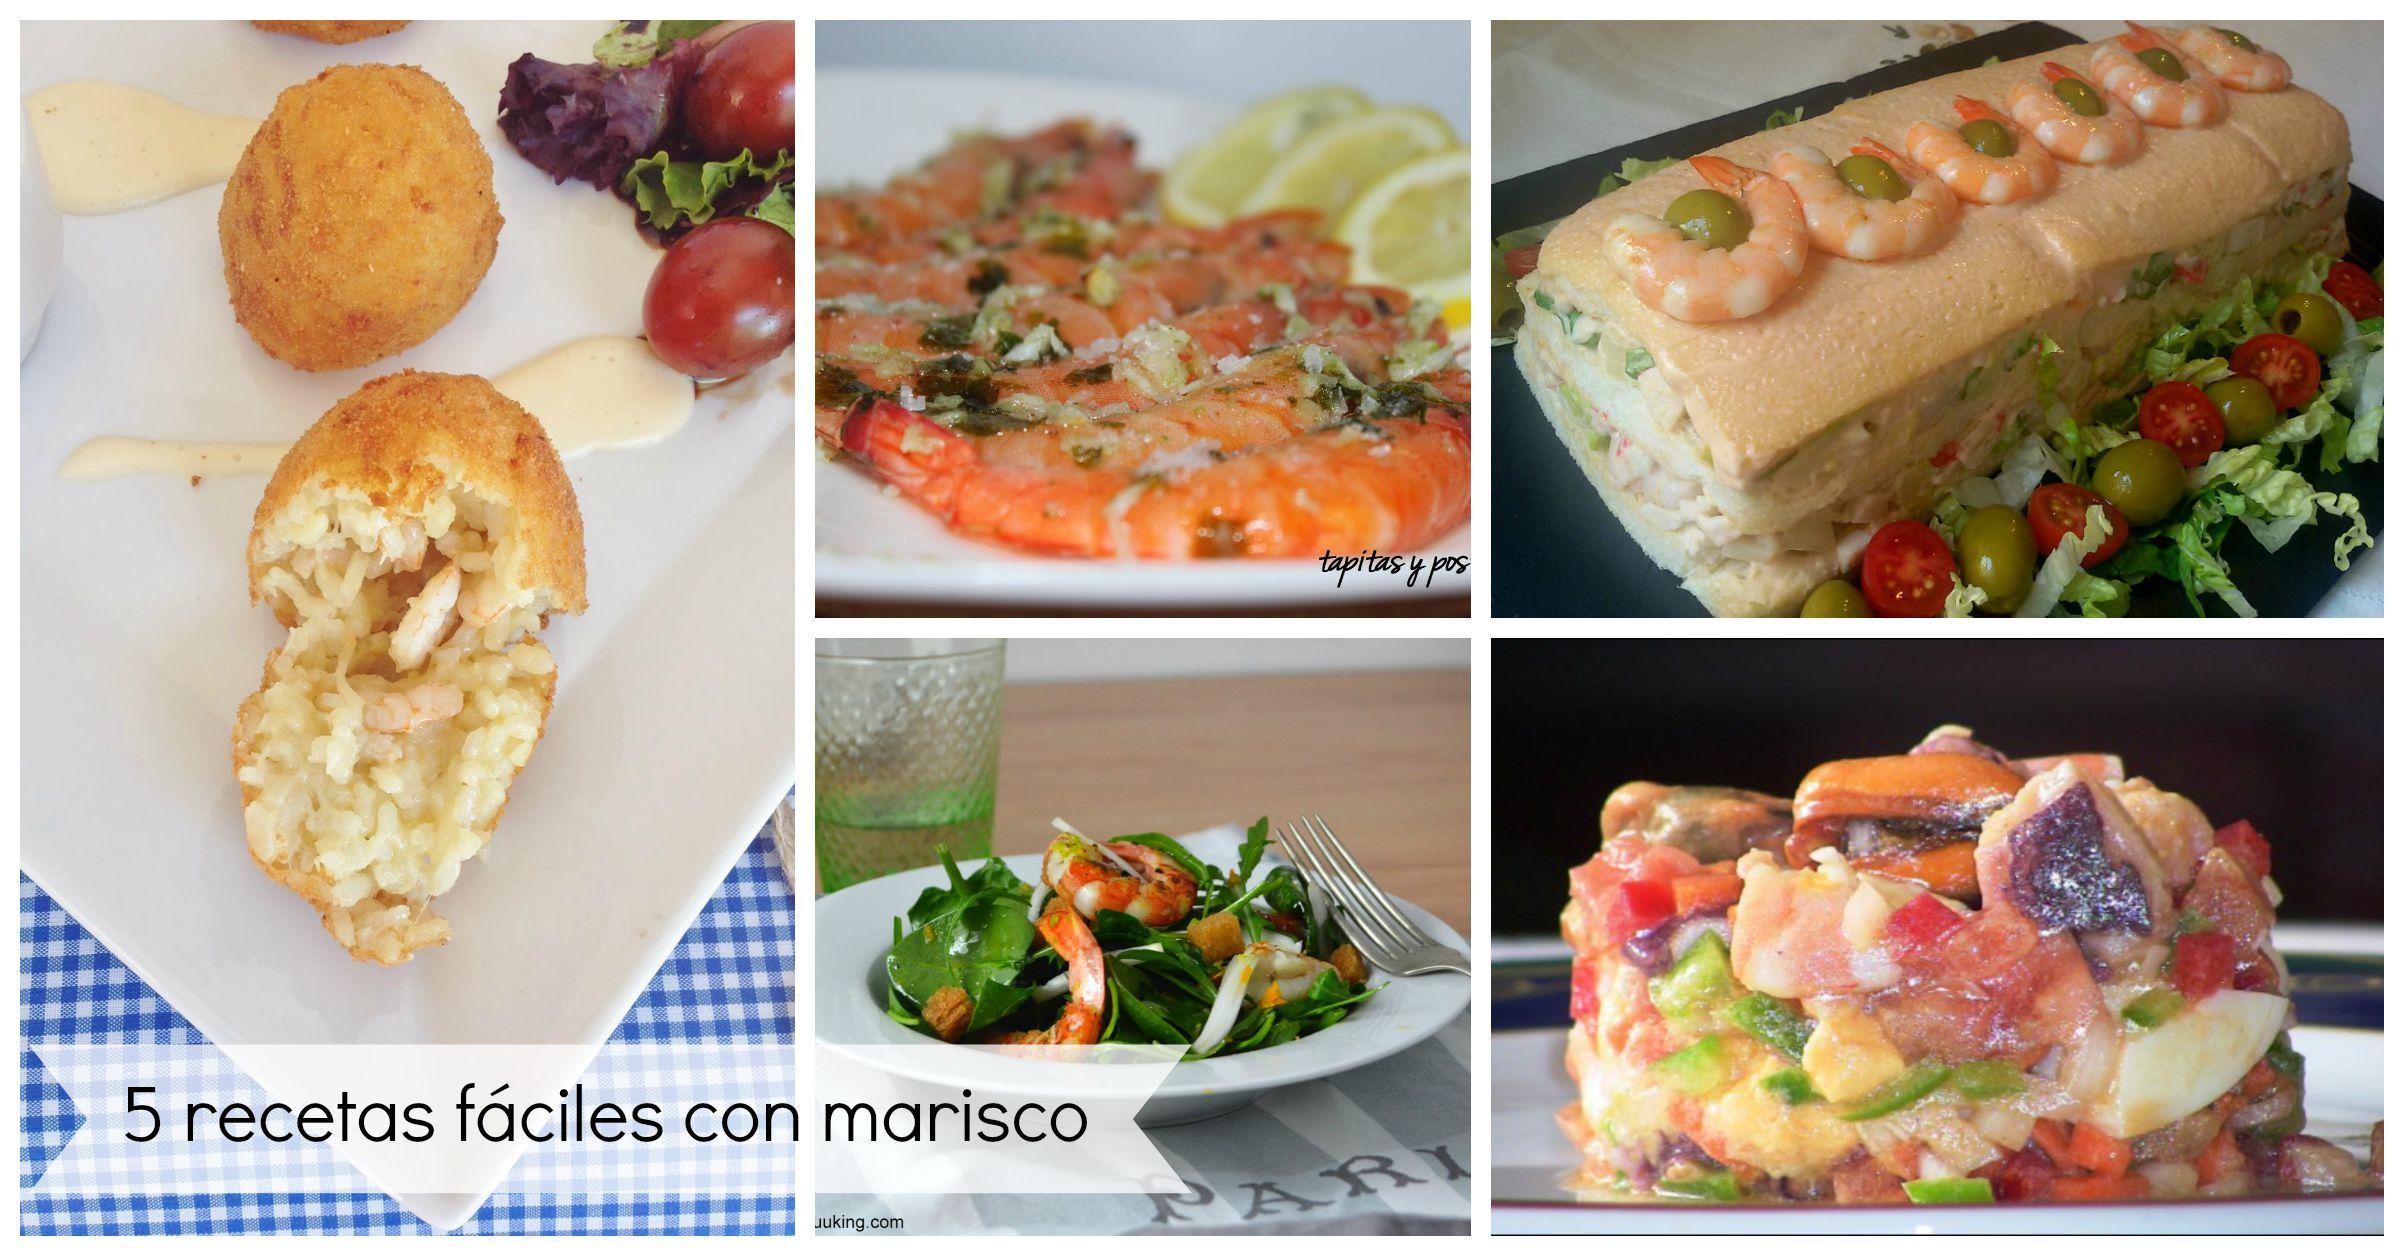 5 recetas fáciles con marisco